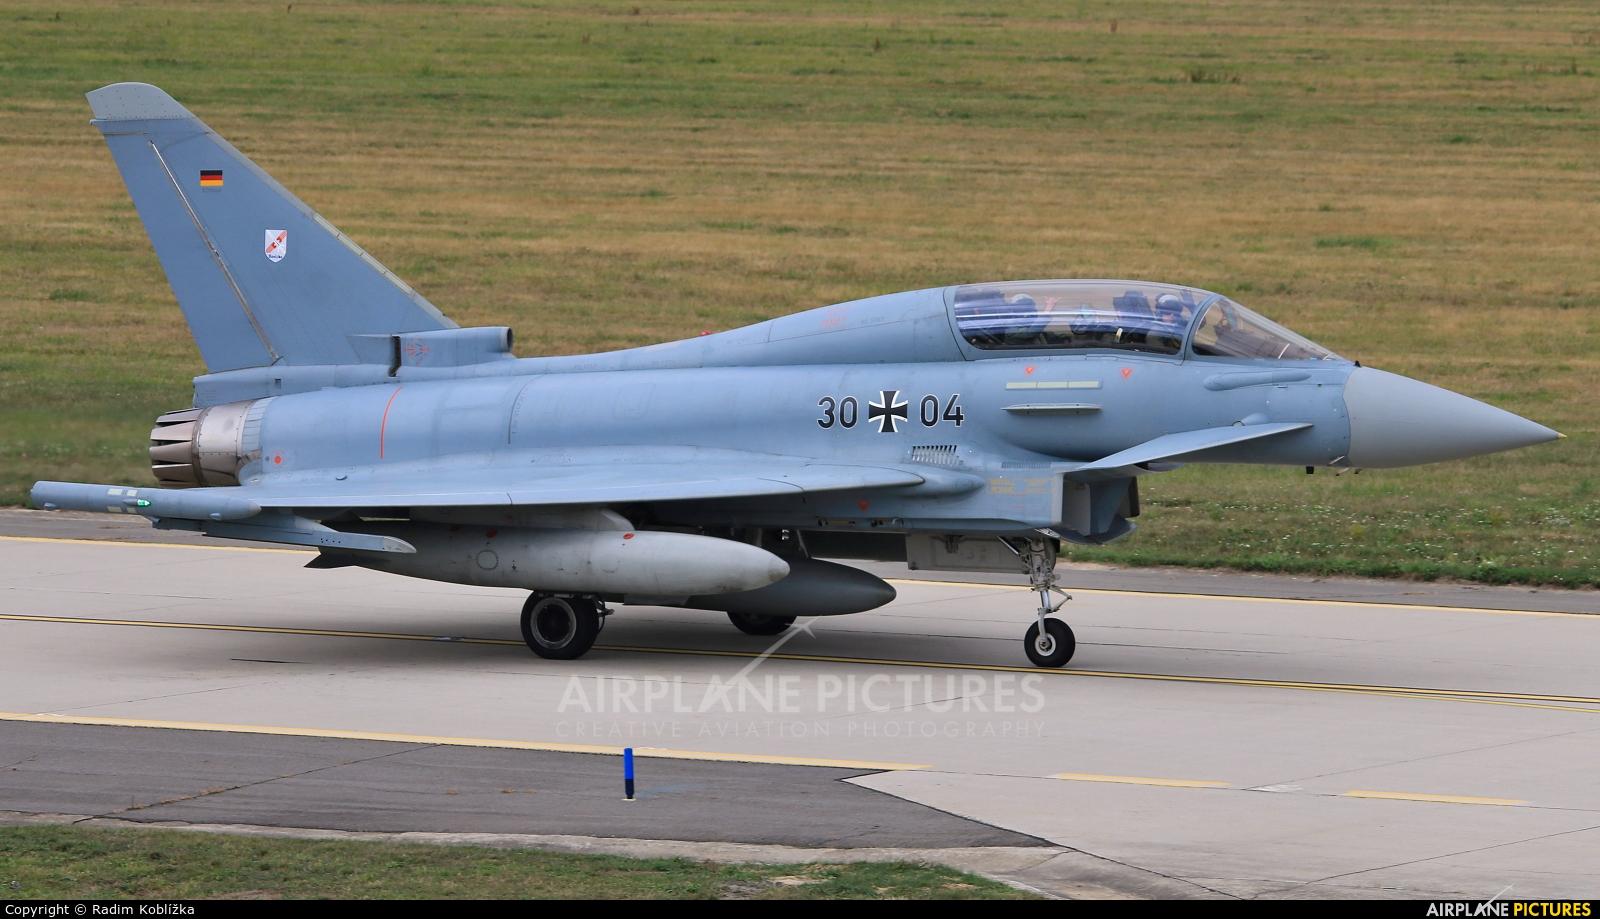 Germany - Air Force 30+04 aircraft at Ostrava Mošnov